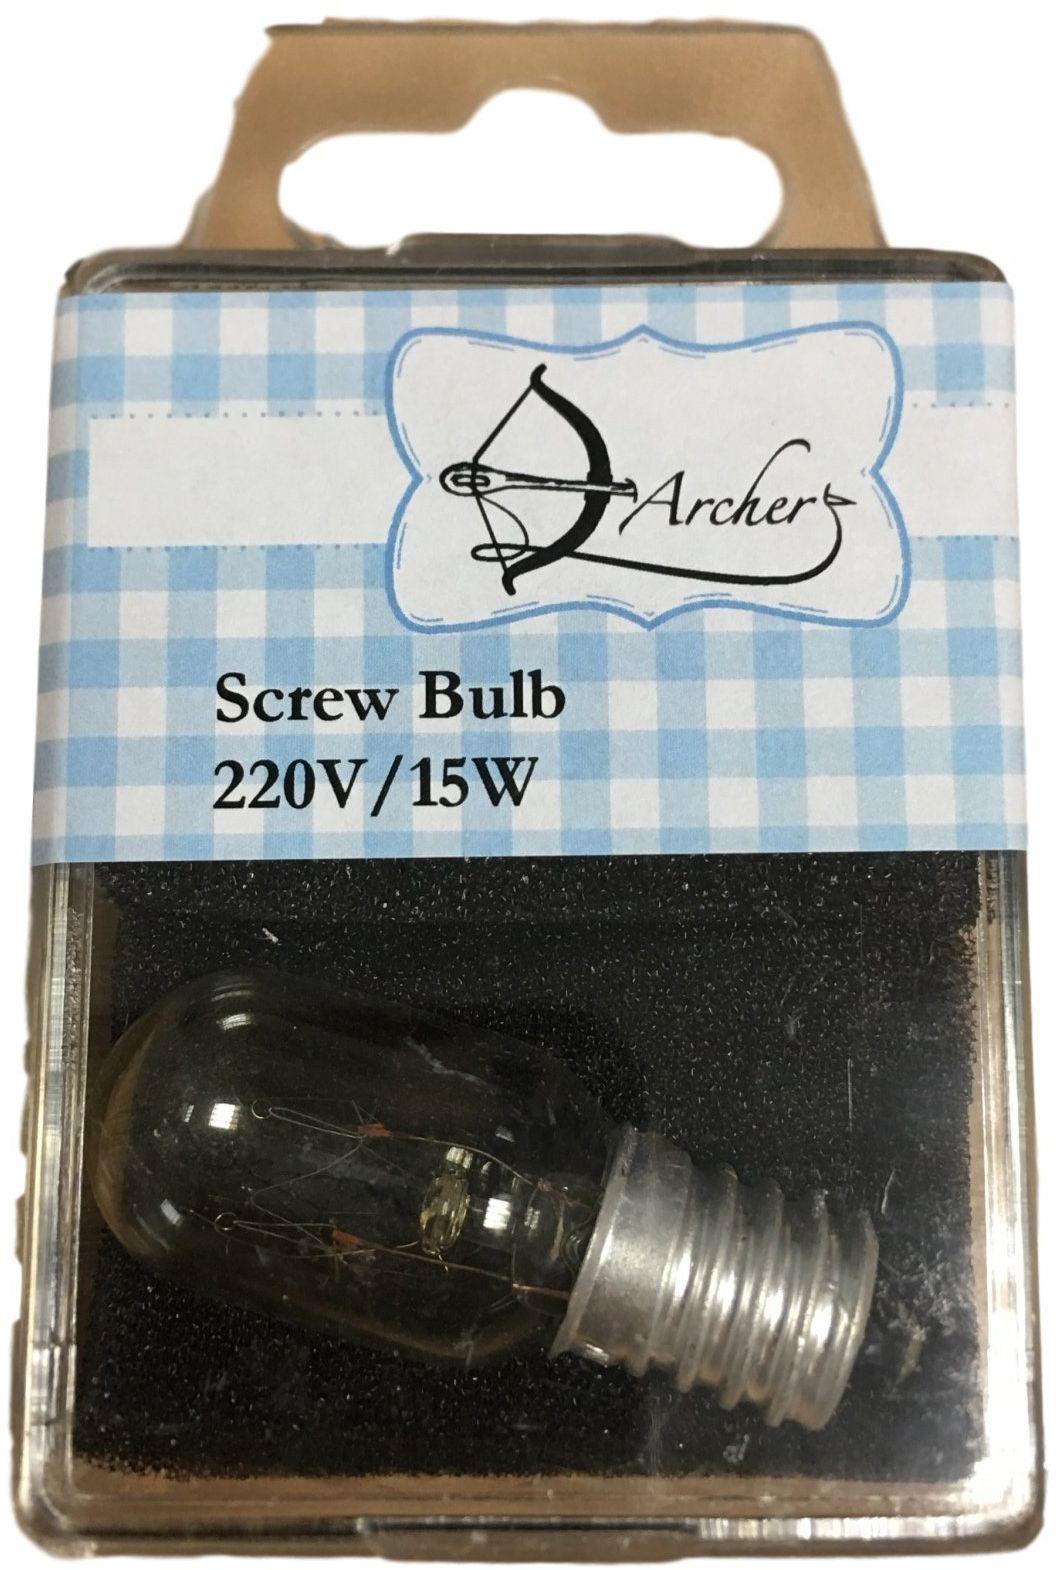 ARCHER żarówka śrubowa 220 V / 15 W, 10 x 6 x 2 cm